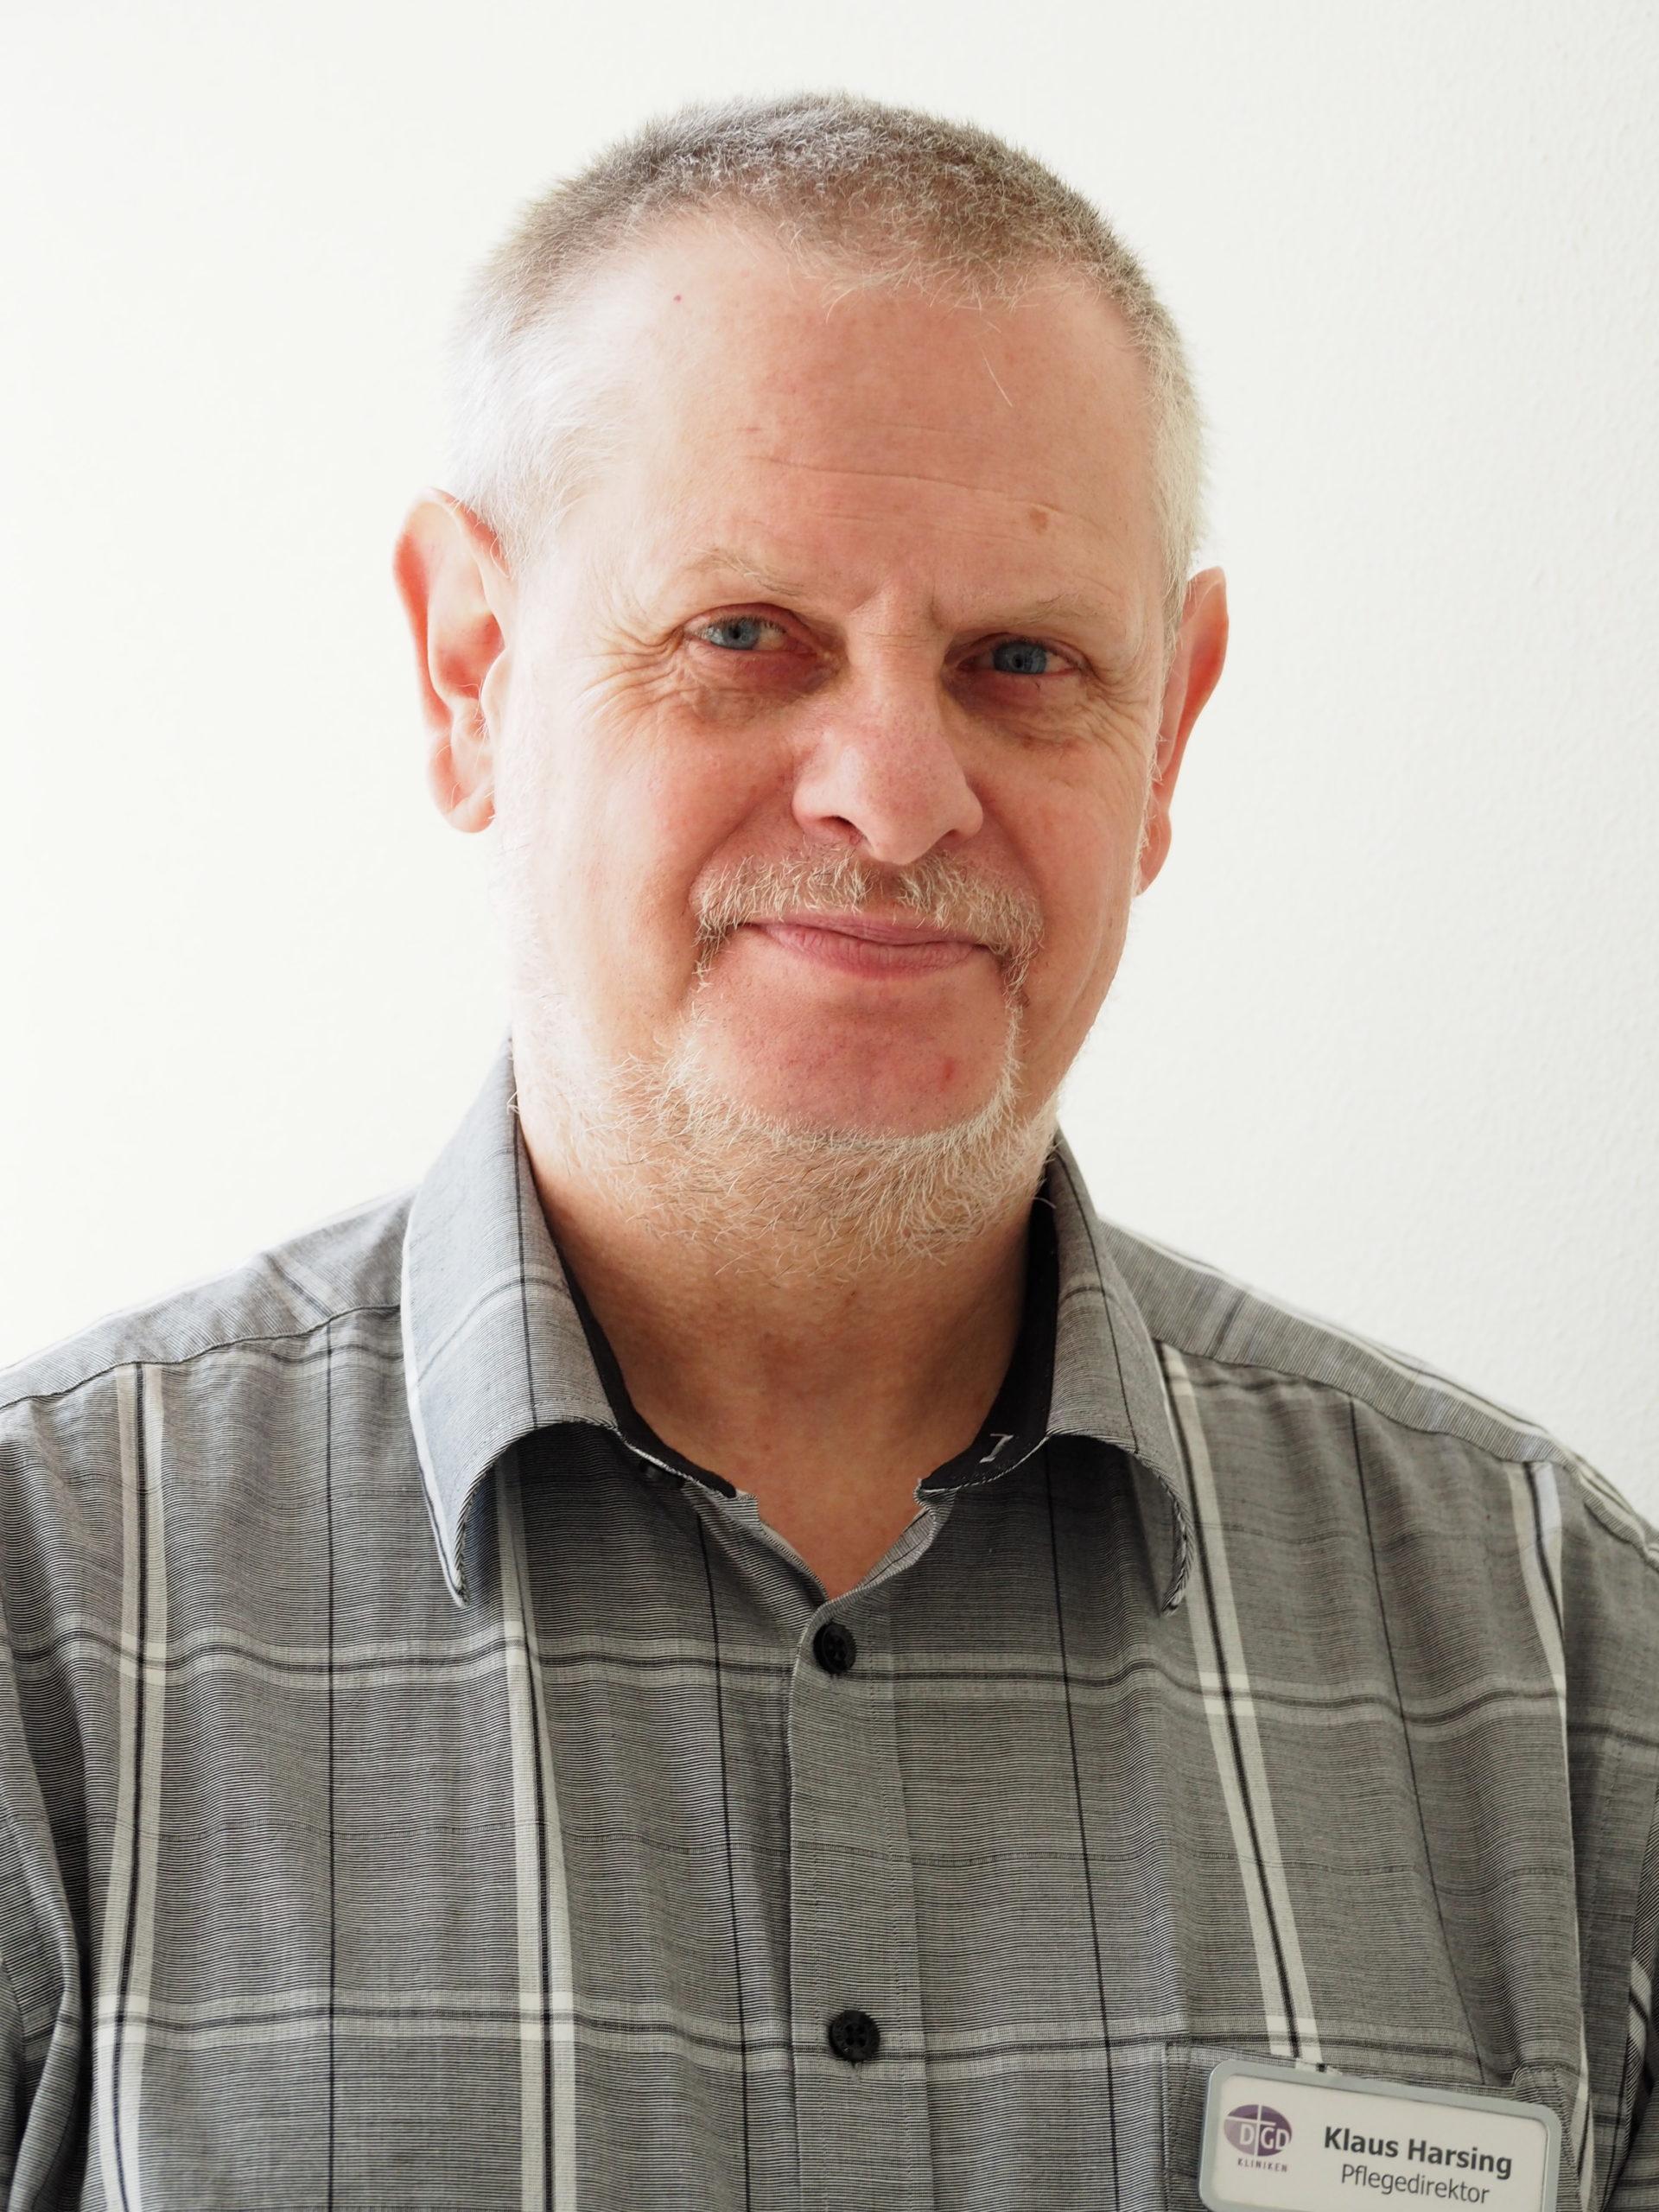 Klaus Harsing